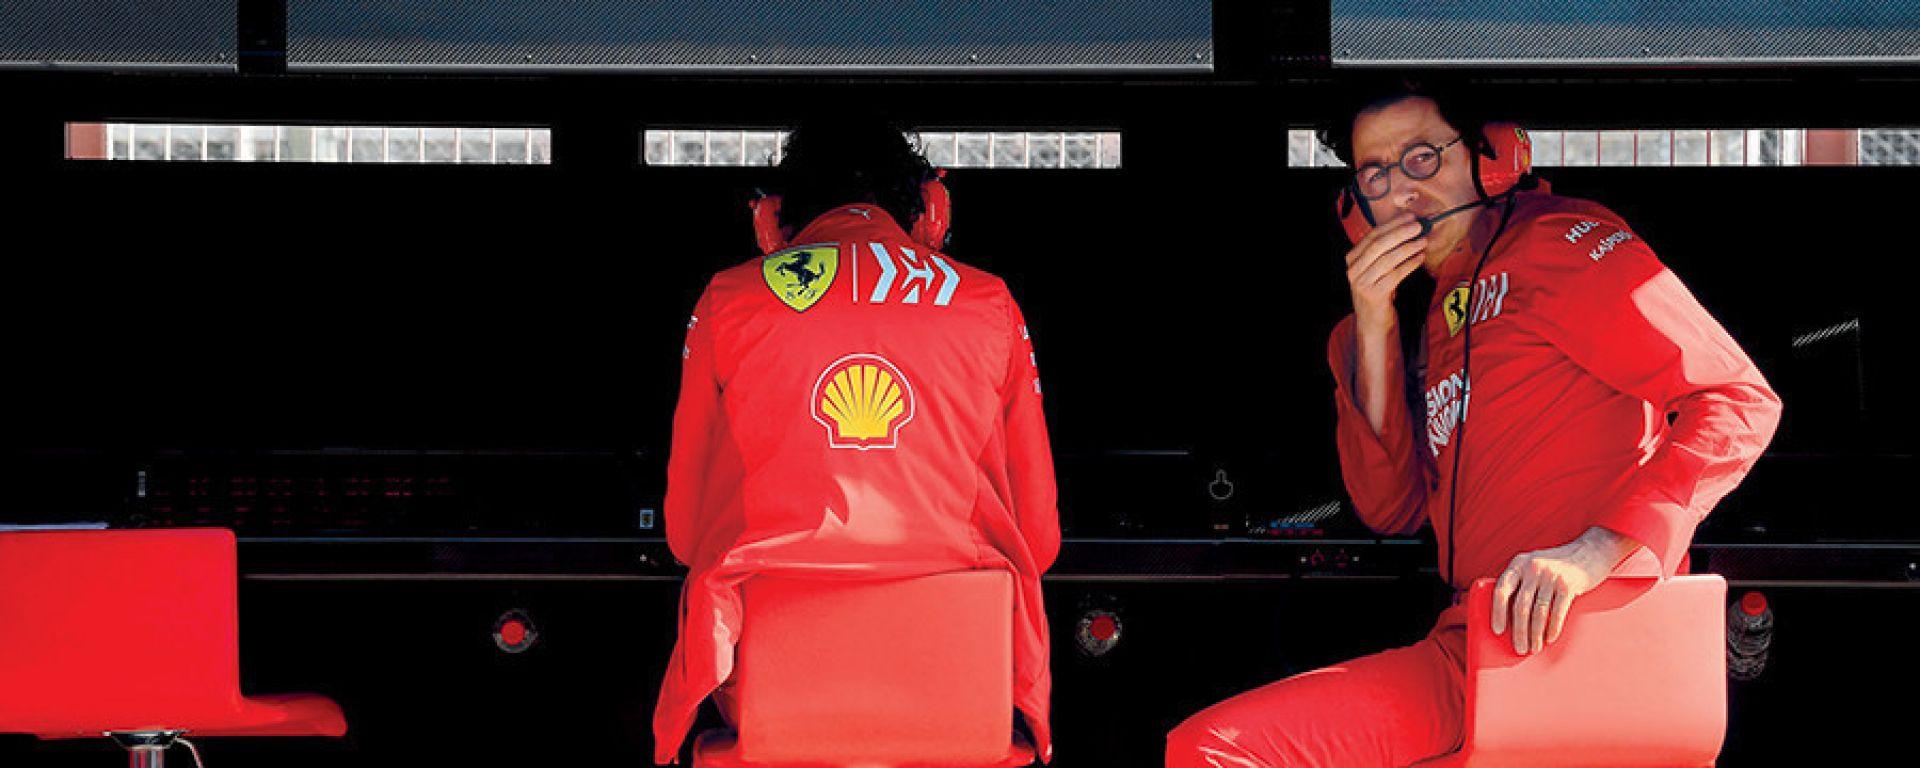 Ferrari, Mattia Binotto al muretto box del Cavallino